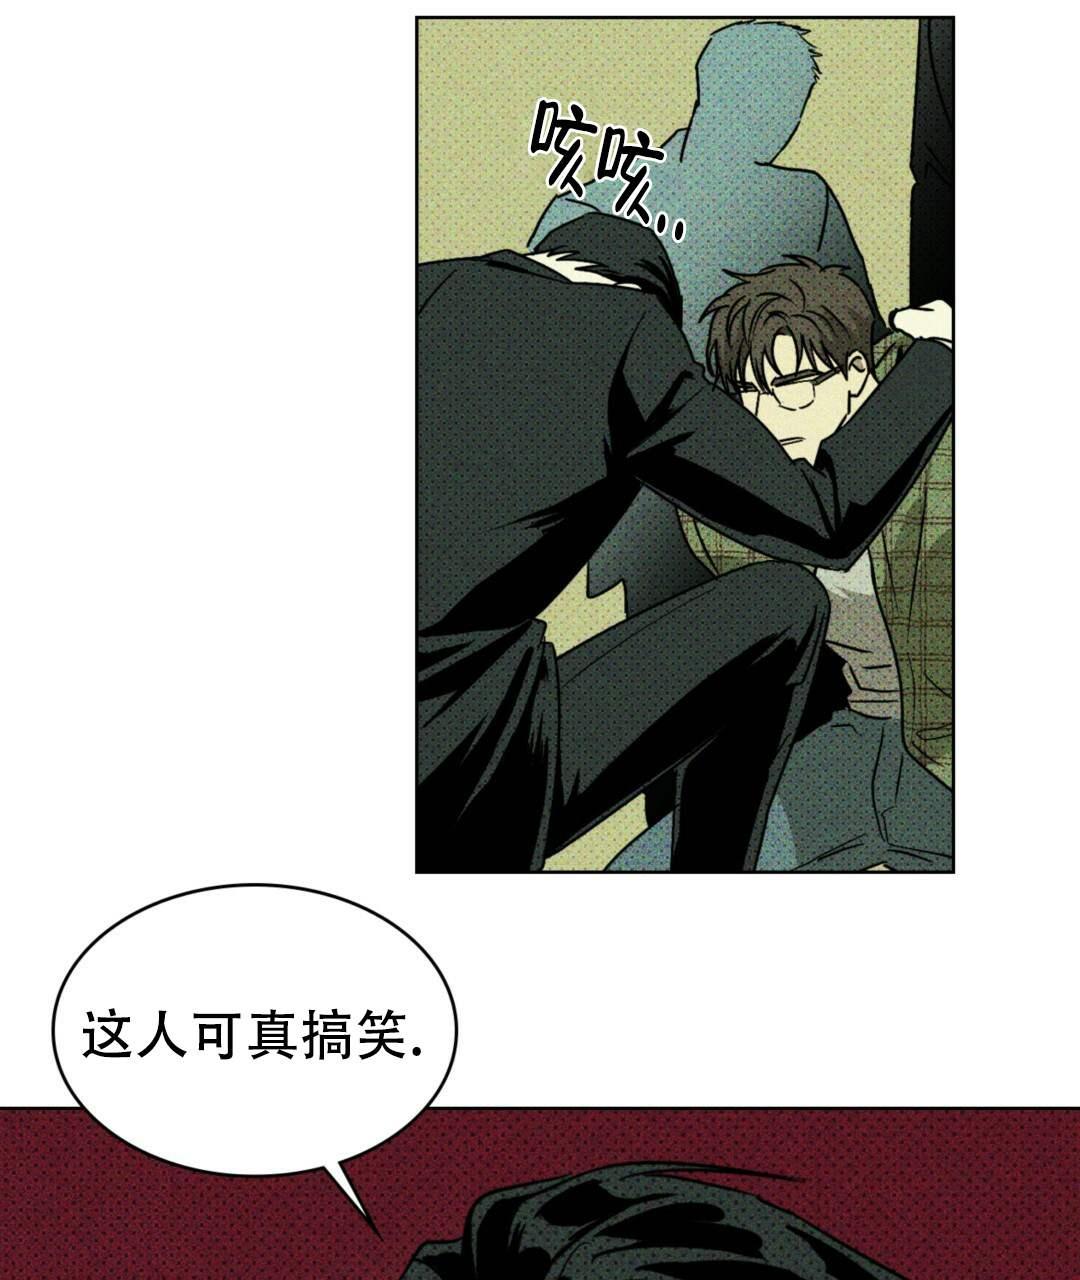 韩漫  《绿色镌像》这男人竟该死的甜美~纯情男大学生x黑帮大佬  第12张